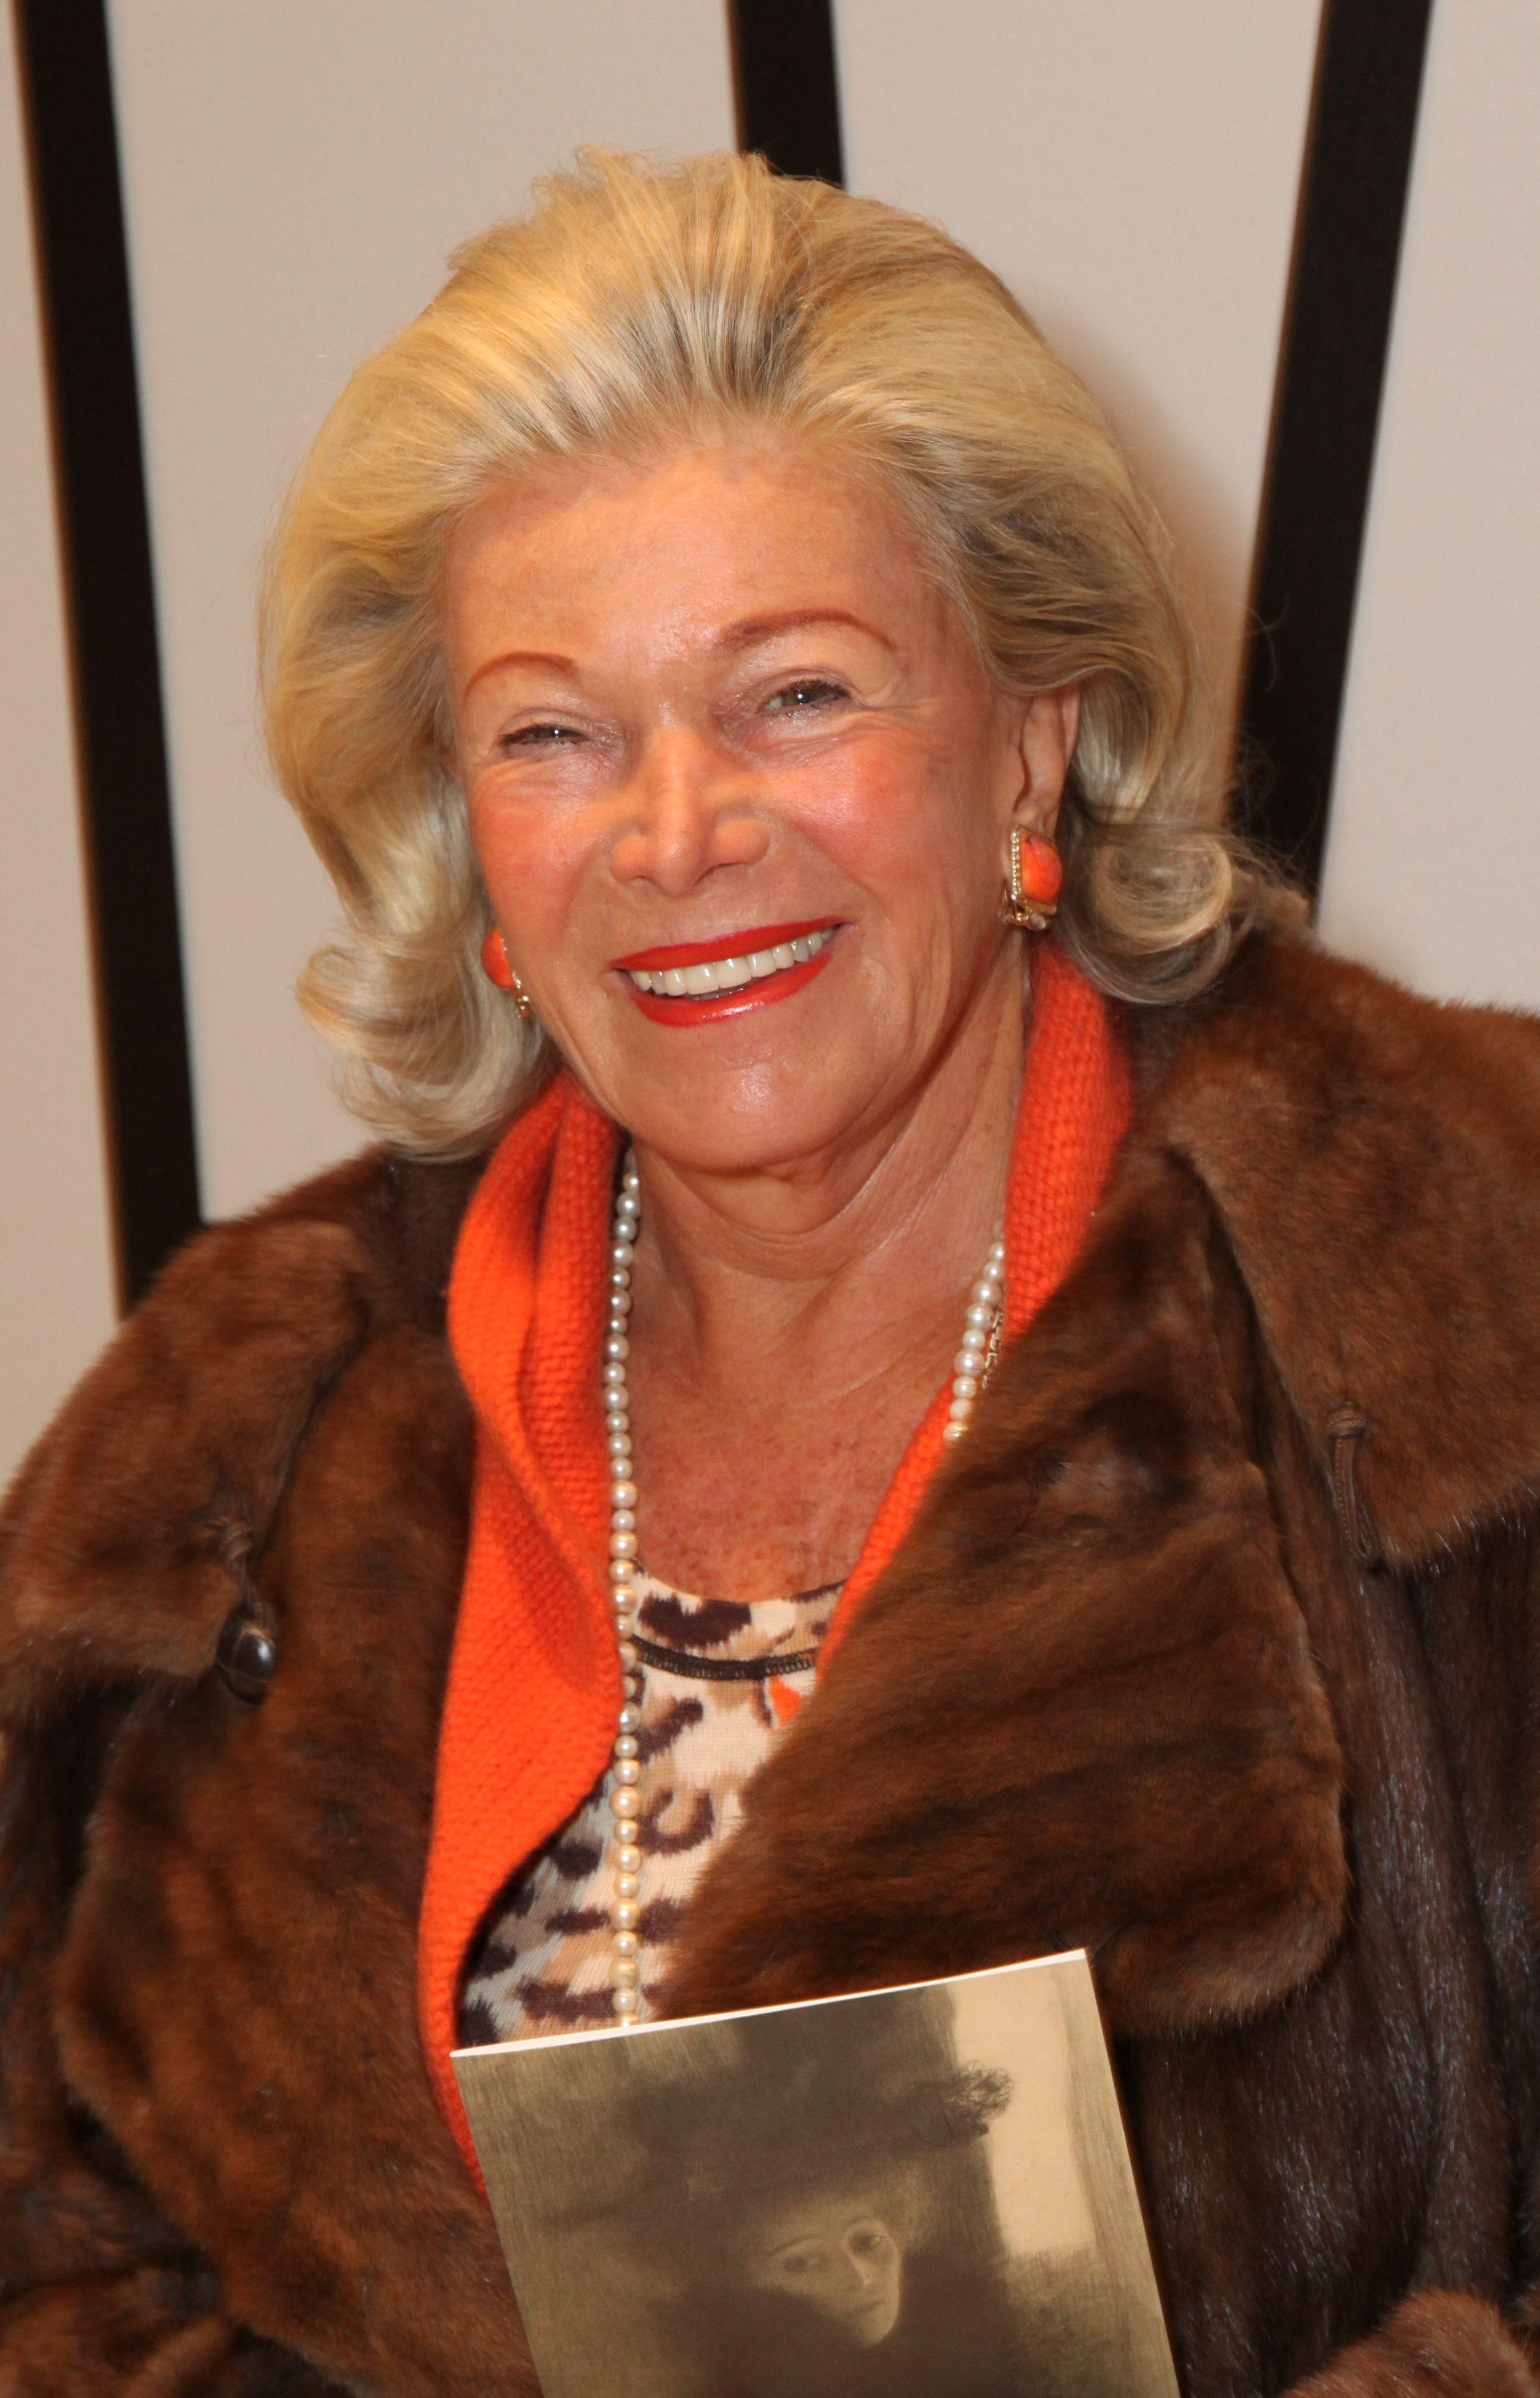 Christa Mayrhofer-Dukor zieht nun in einem italienischen Magazin vom Leder. Ob sie wirklich eine verlässliche Quelle ist? Im vergangenen November hatte sie noch behauptet, Fürstin Charlène sei wieder schwanger …